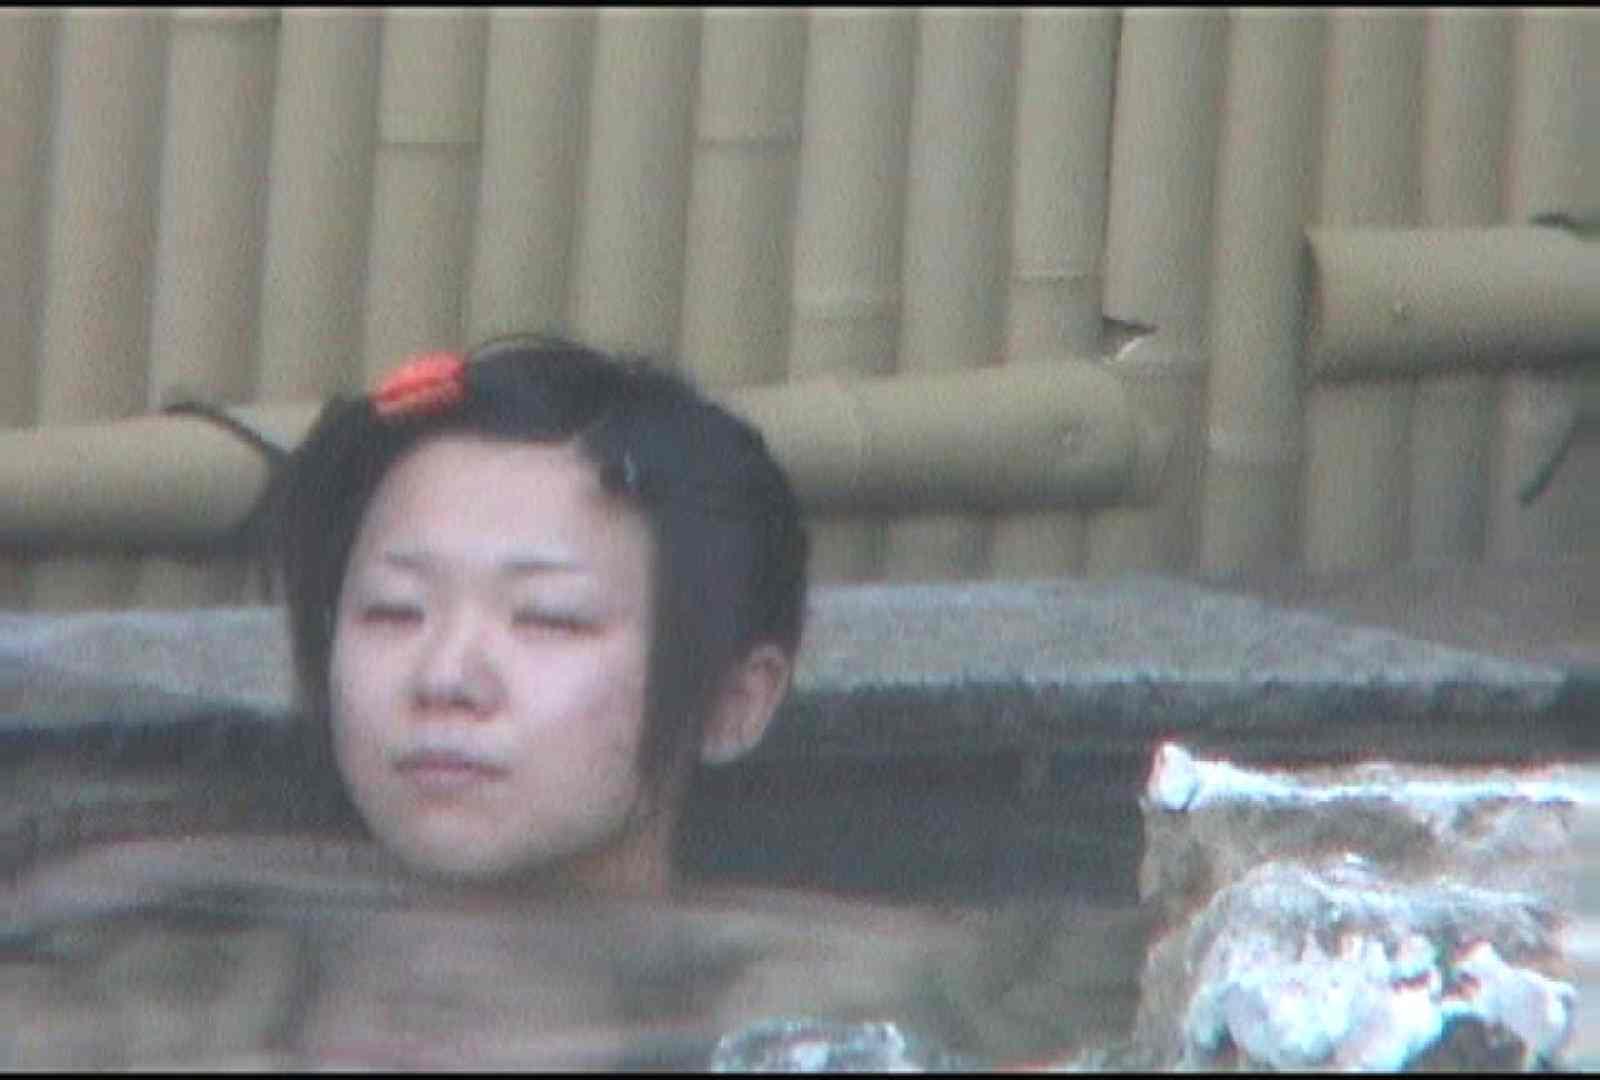 Aquaな露天風呂Vol.175 盗撮シリーズ  91PIX 46